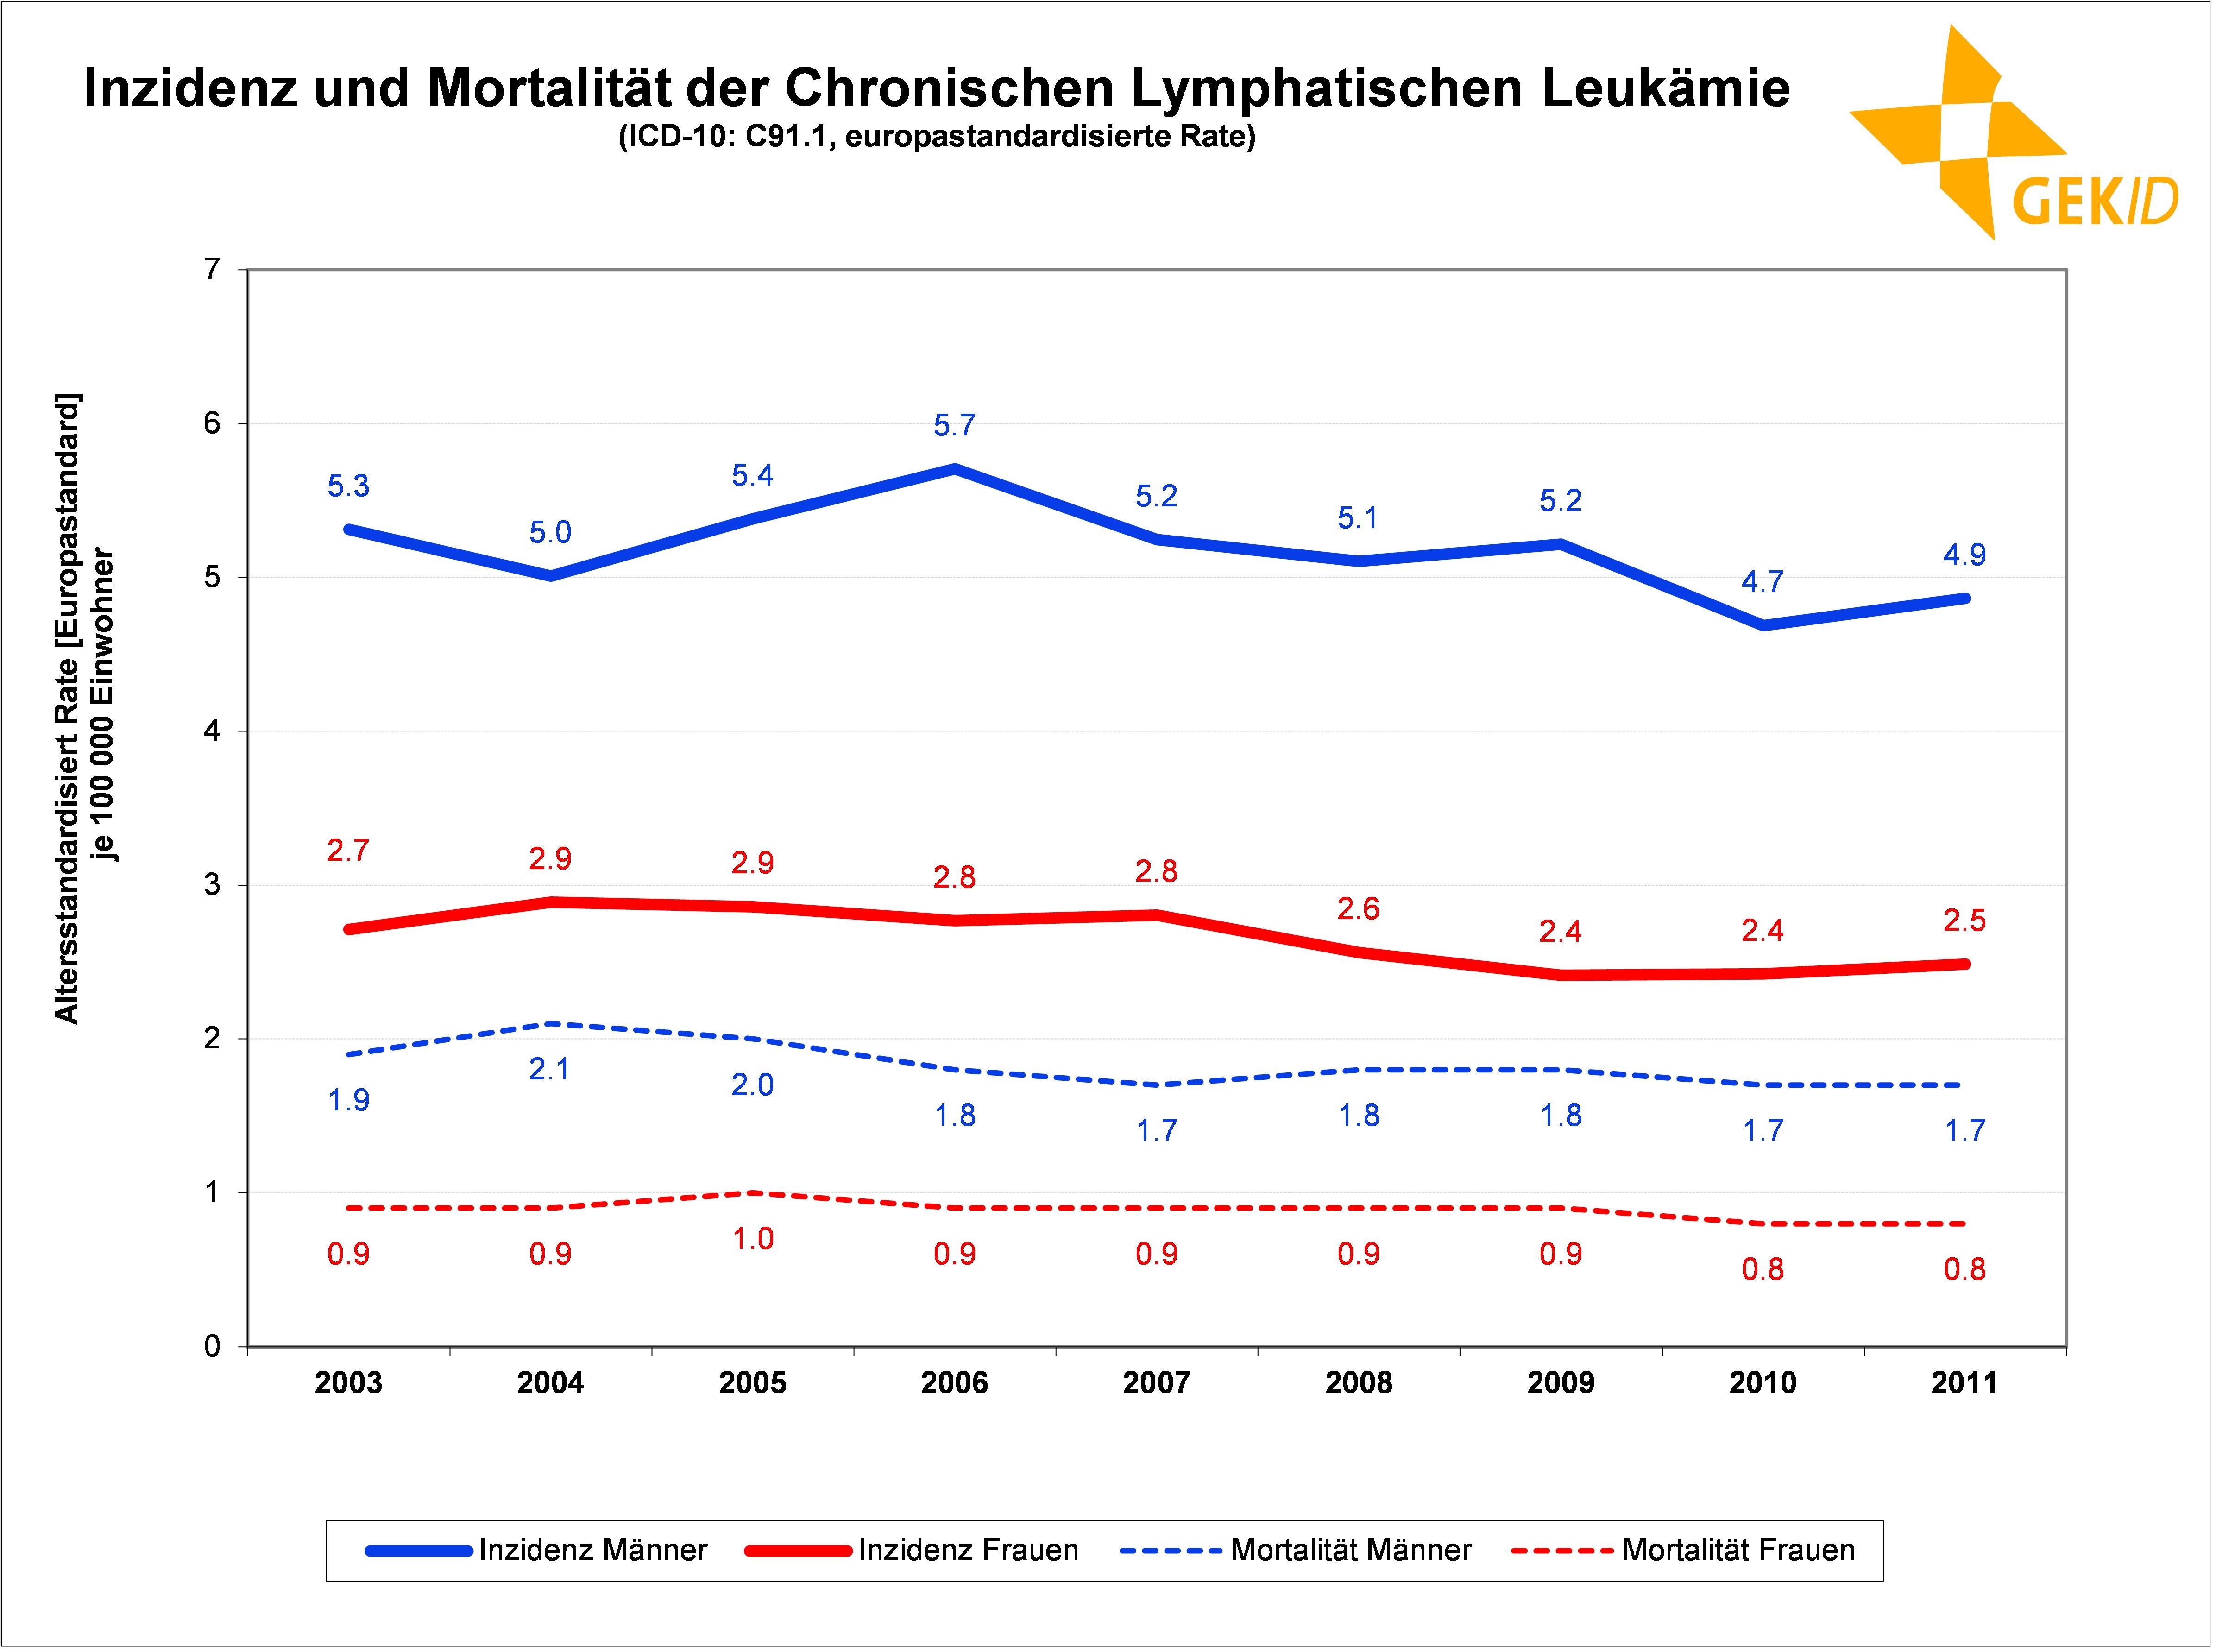 Altersstandardisierte geschätzte Inzidenzrate und altersstandardisierte Mortalitätsrate der CLL in Deutschland